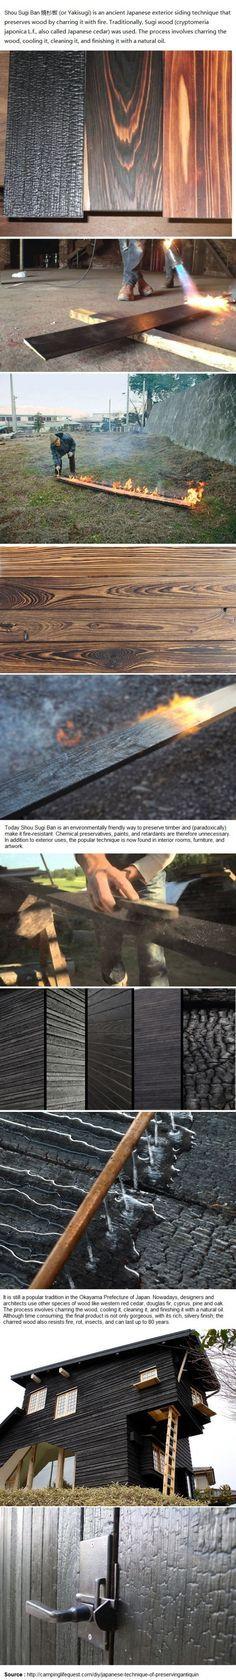 técnica japonesa de preservar, madeira antiguidades